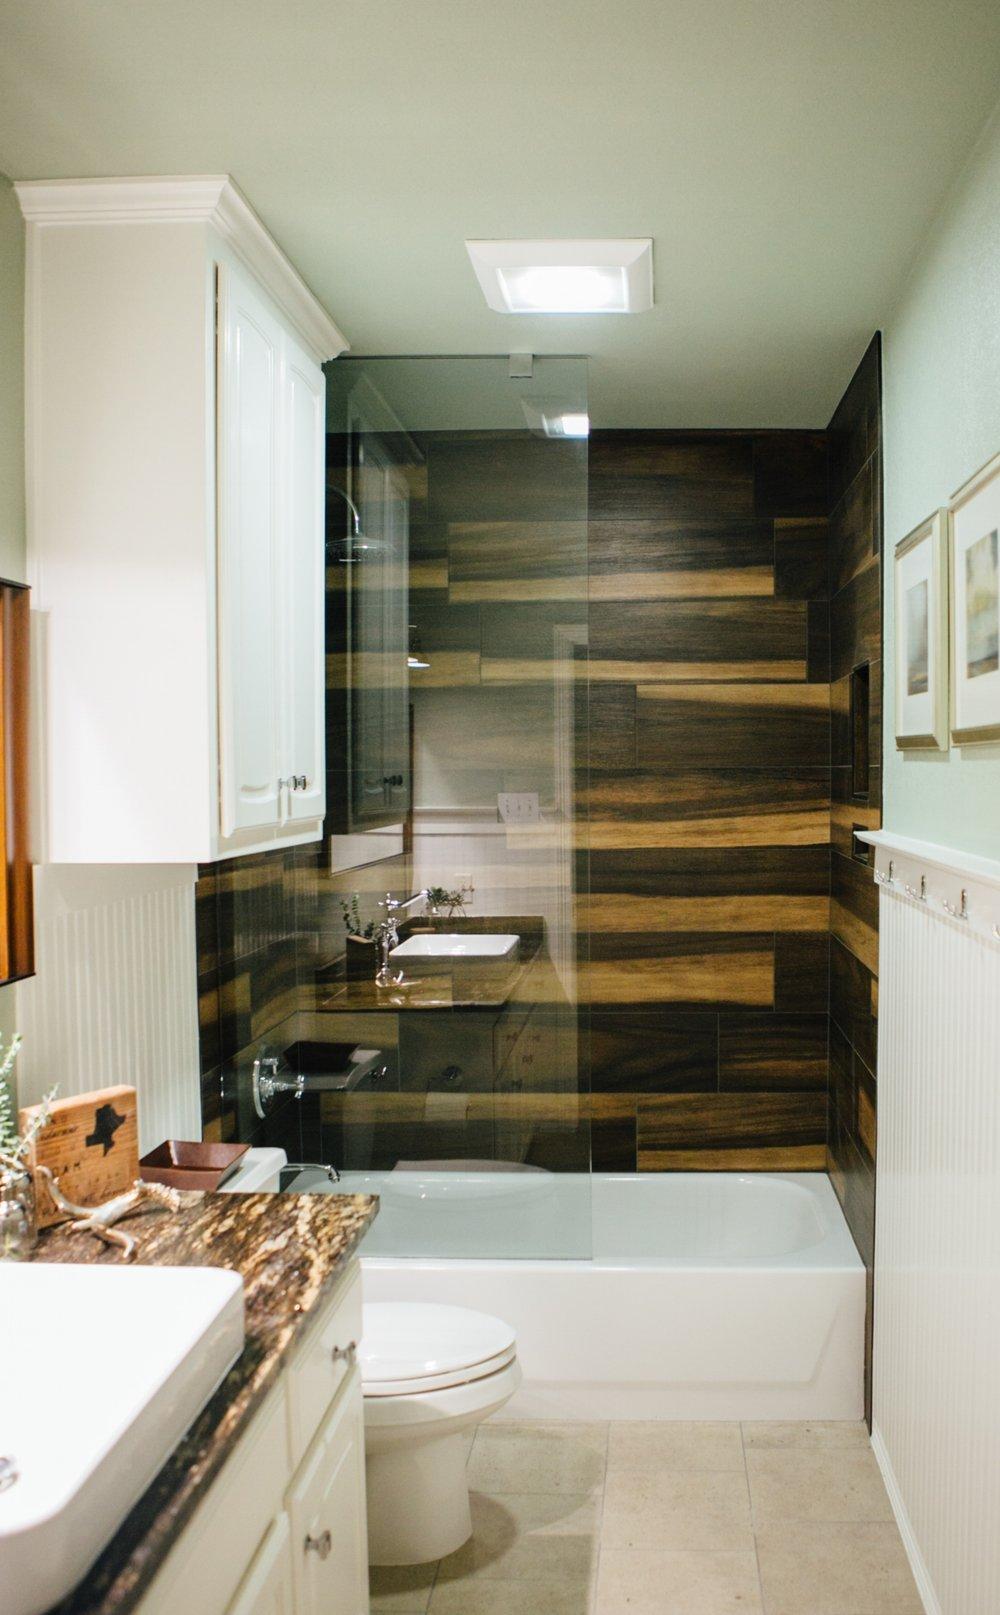 Bathroom Remodel 177.jpg